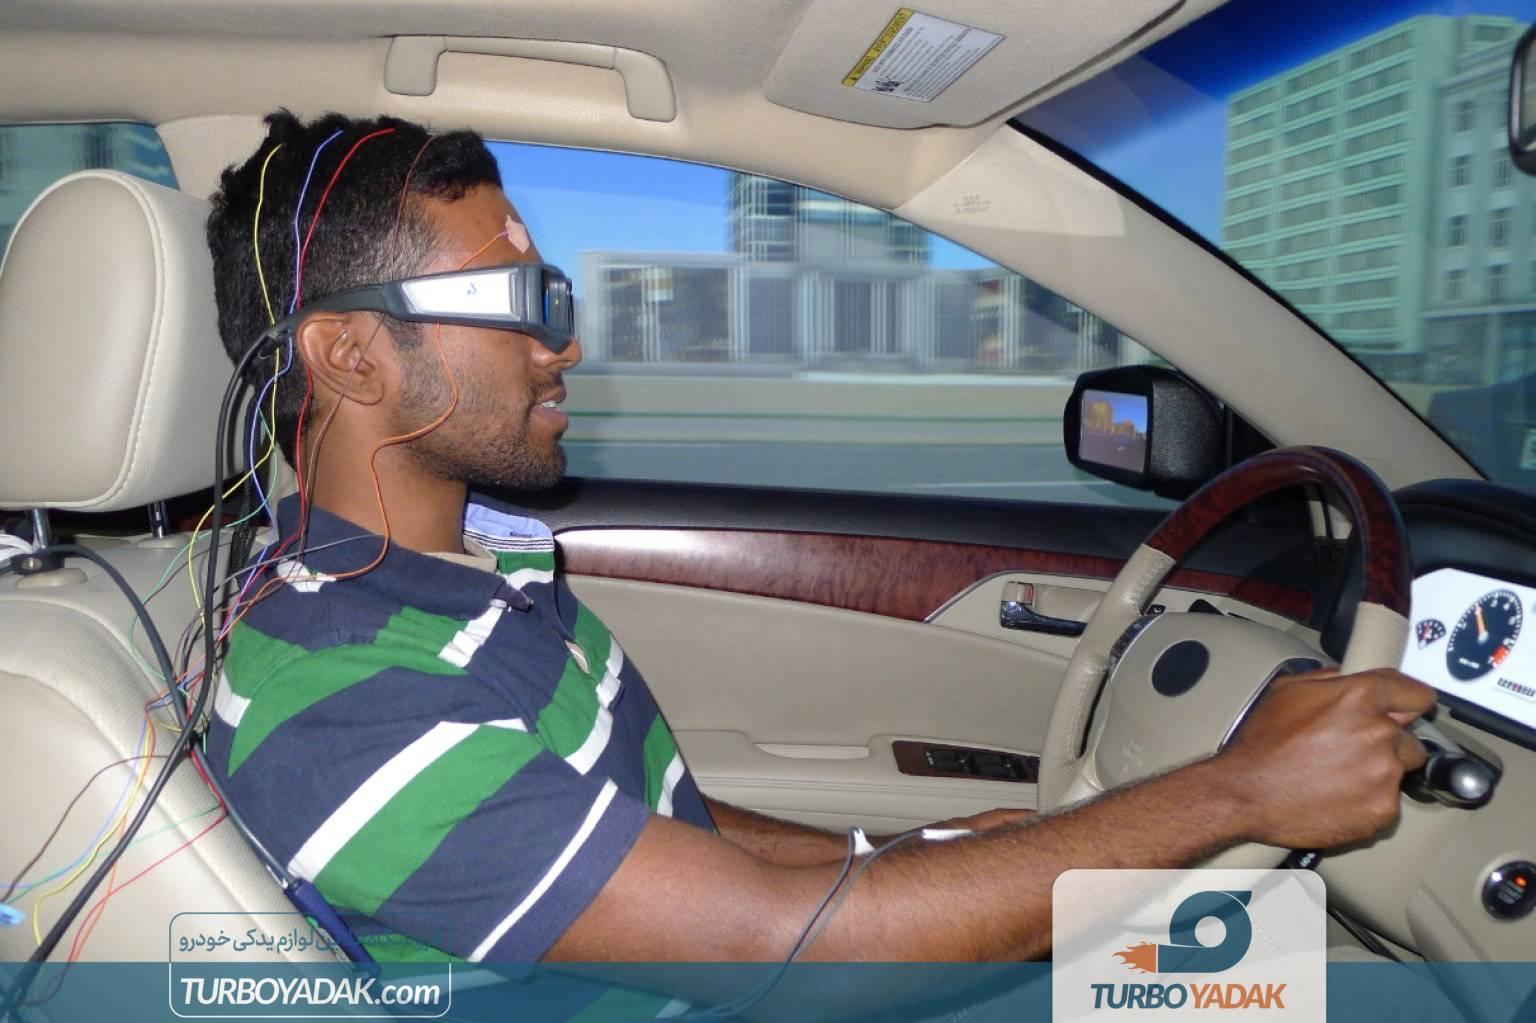 قوانین راهنمایی رانندگی برای نابینایان